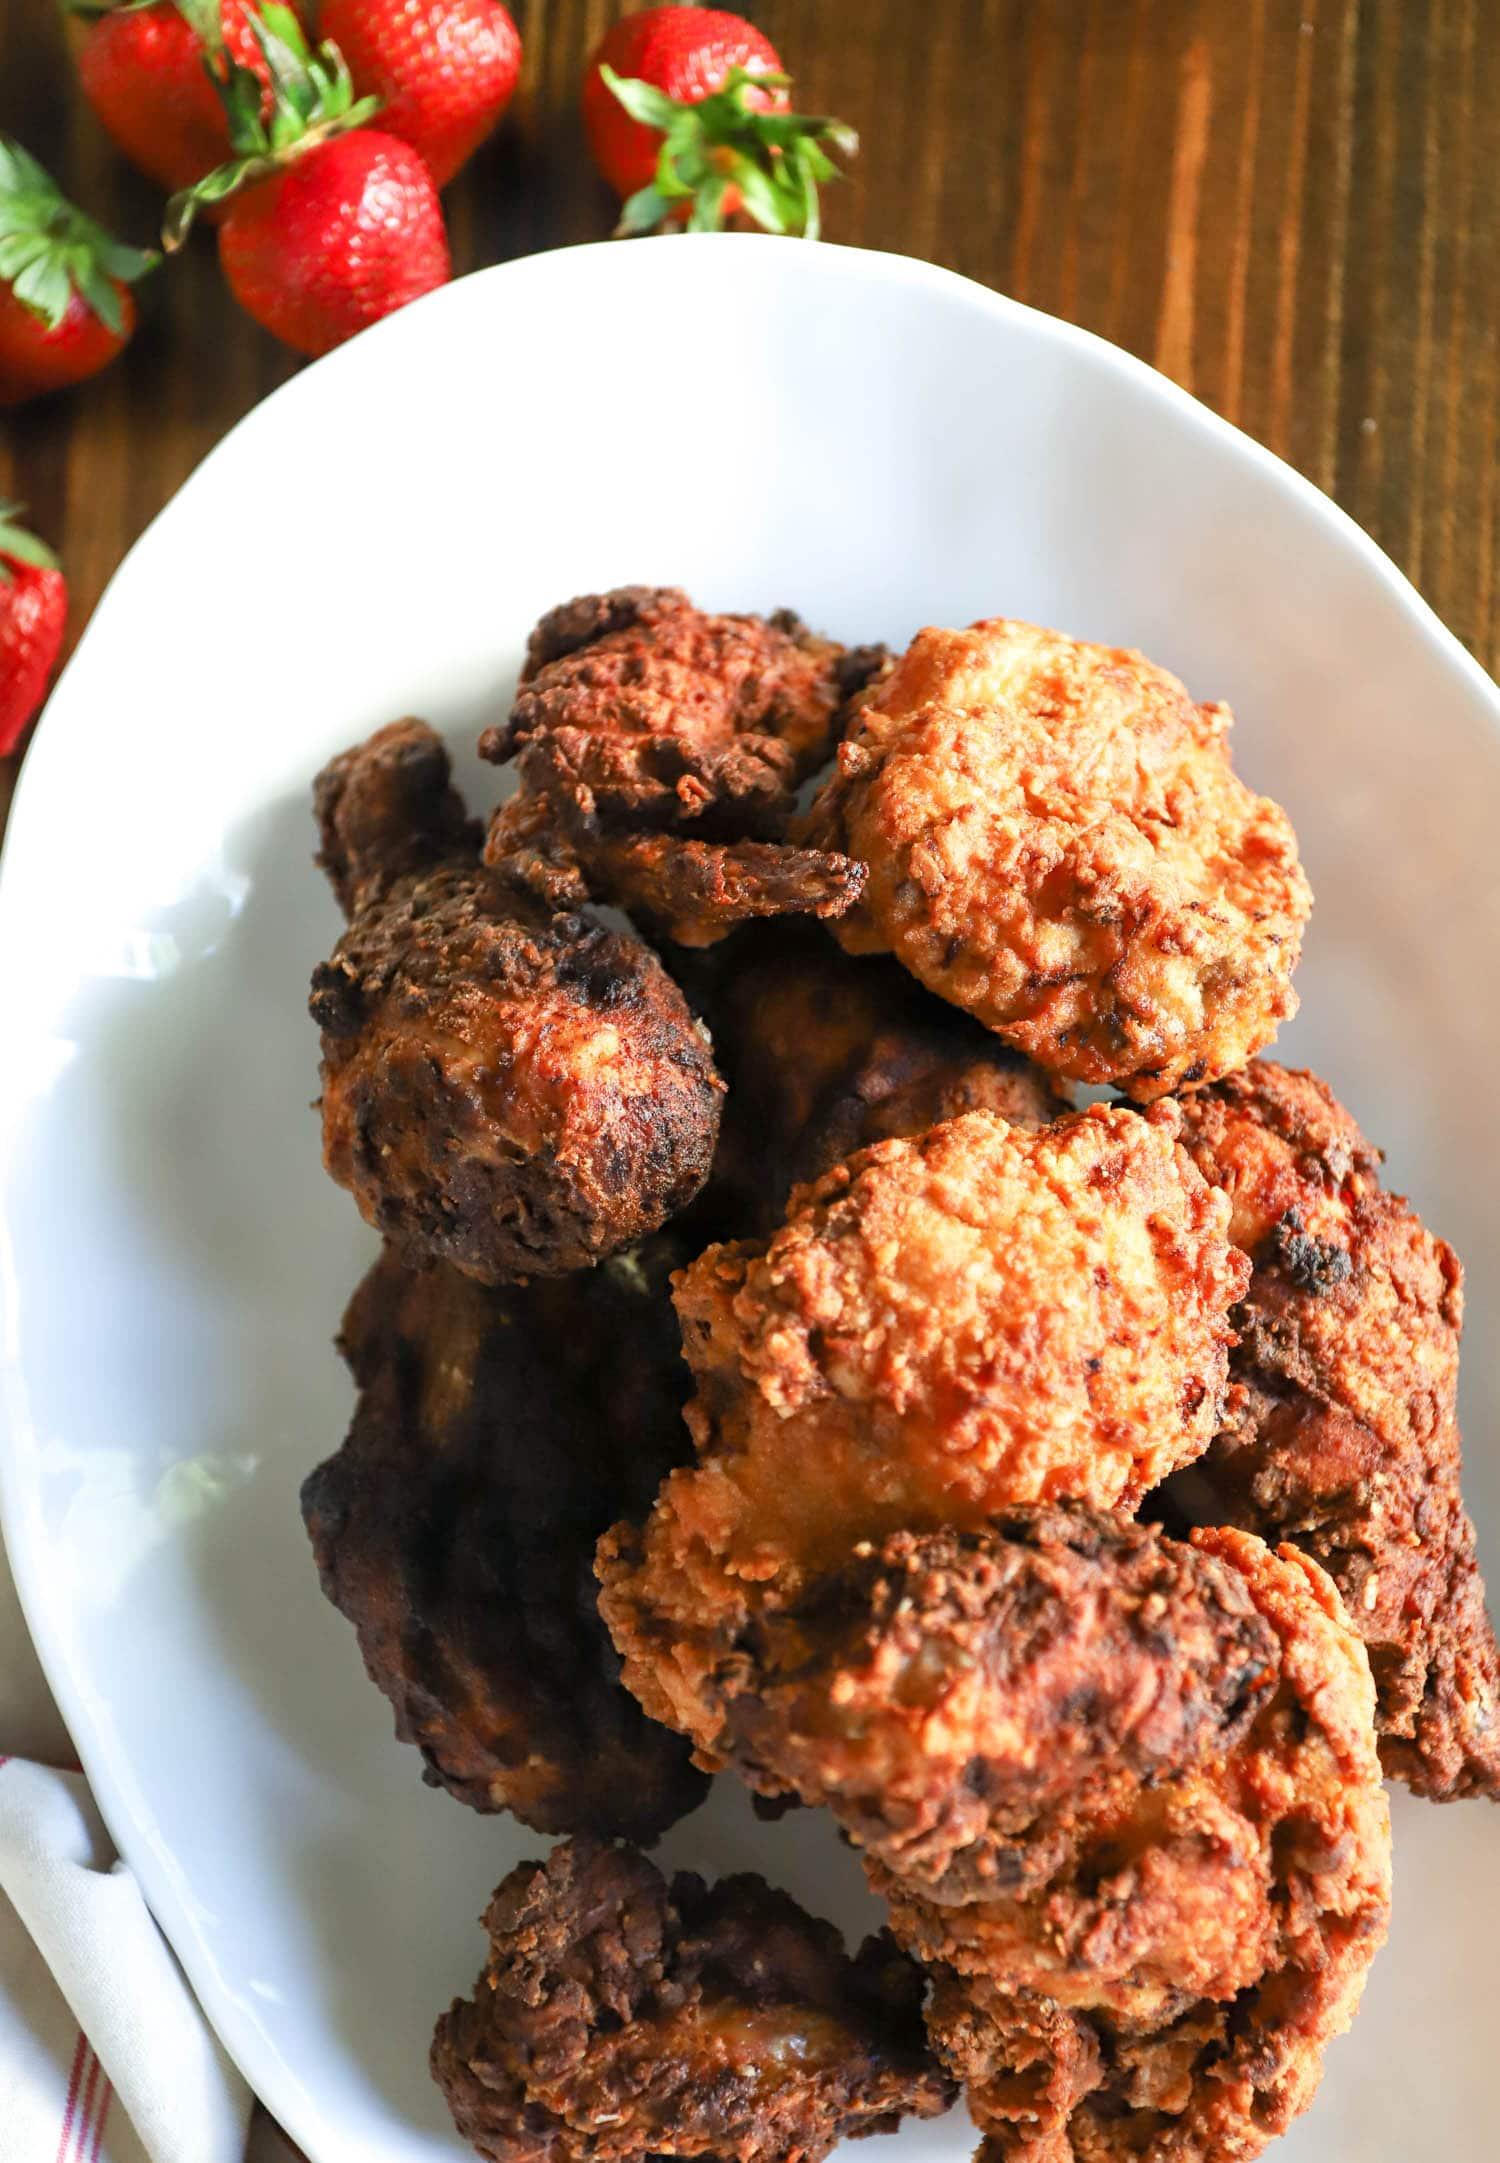 platter of buttermilk fried chicken golden brown with strawberries